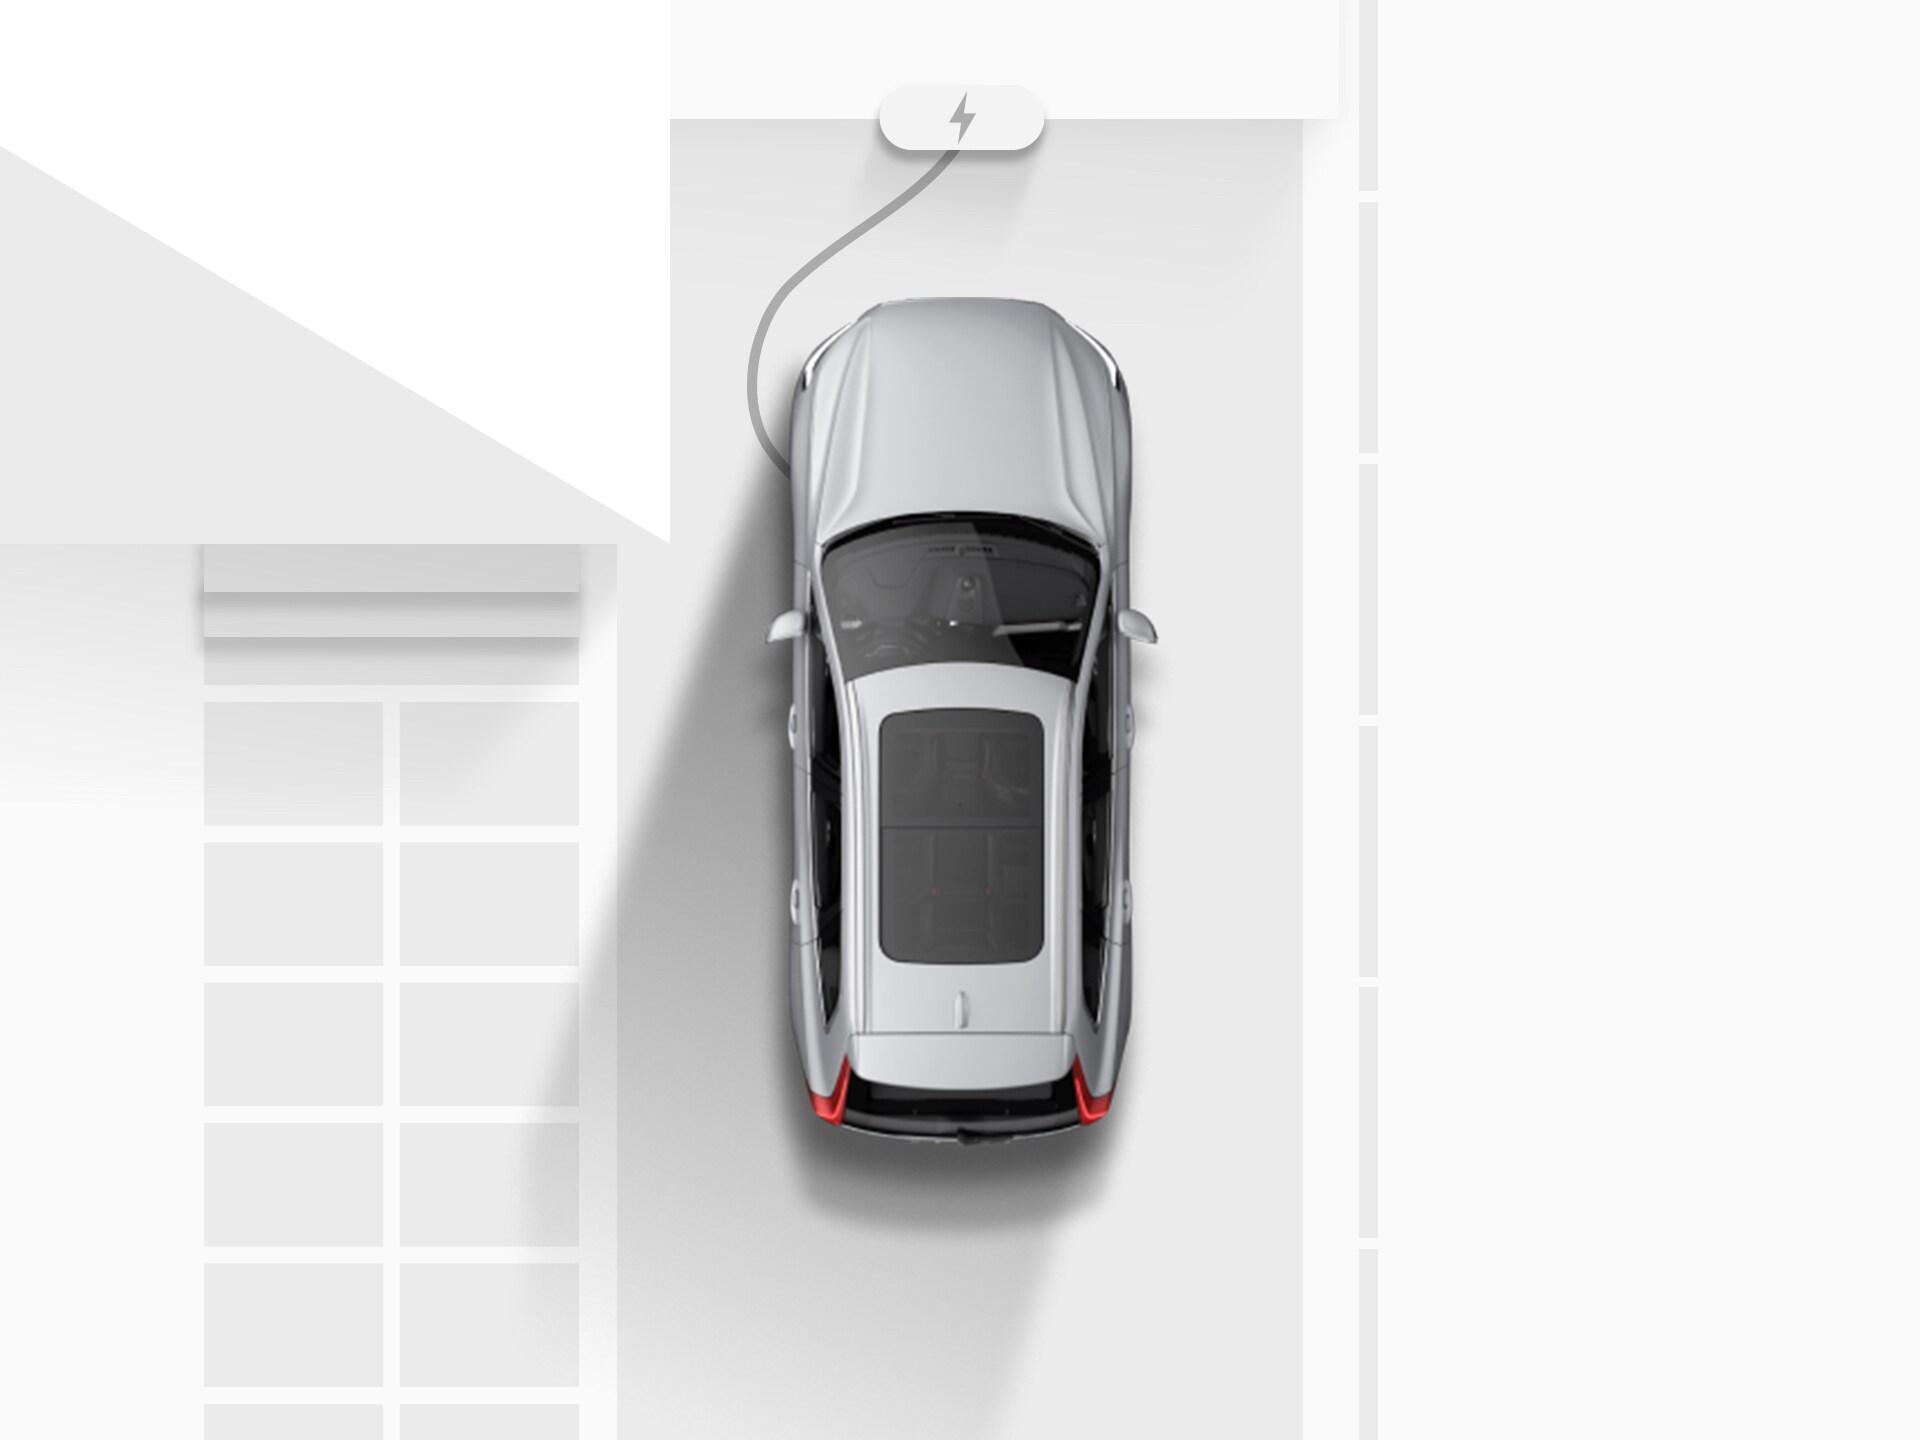 Vedere de sus a unei ilustrații digitale cu un SUV pur electric Volvo XC40 Recharge argintiu, care este conectat și se încarcă pe aleea din fața unei locuințe.